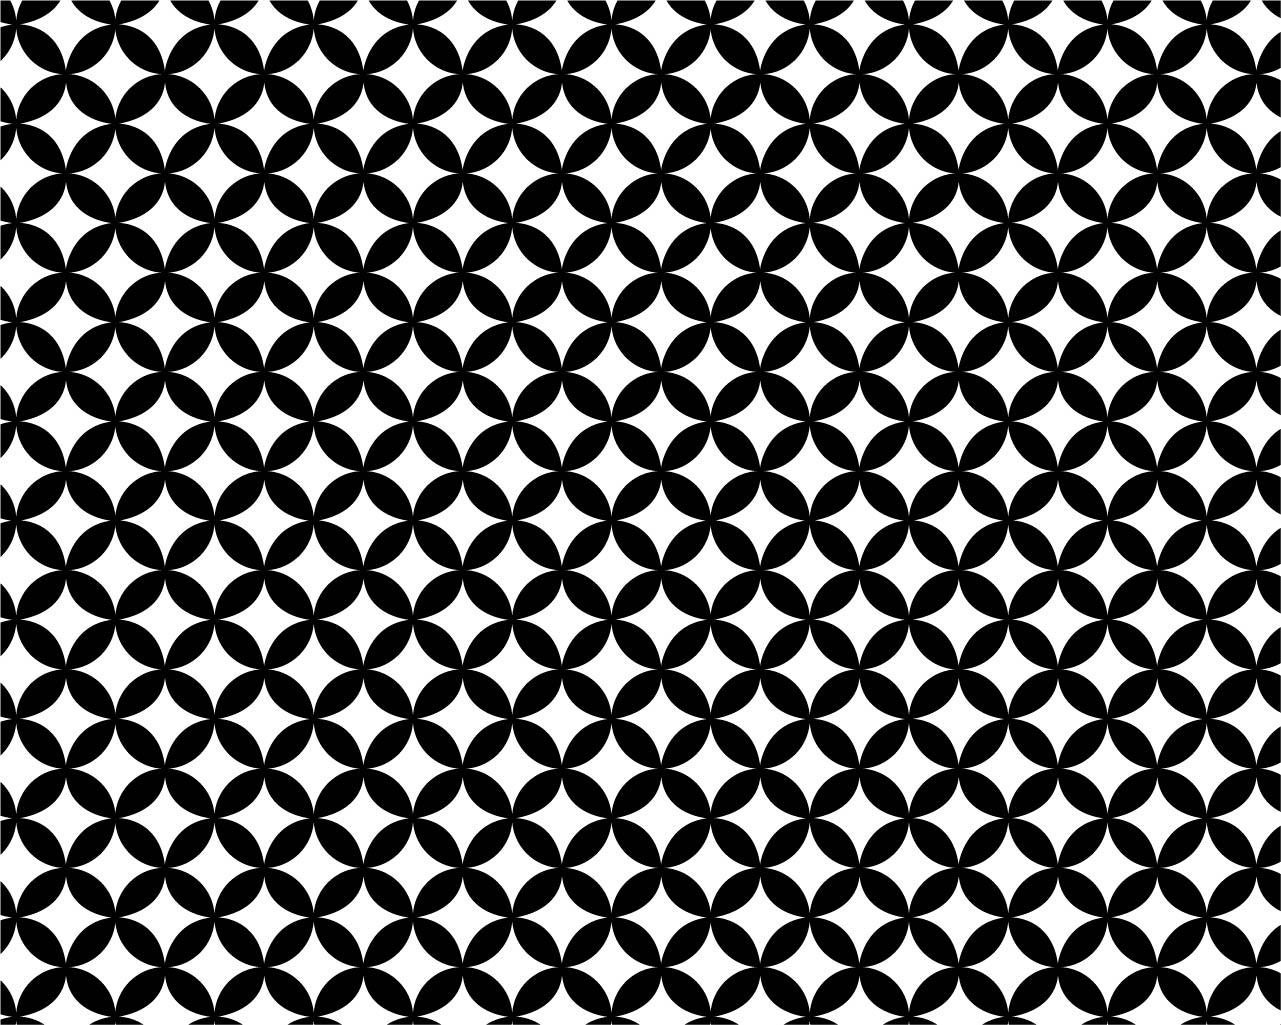 七宝文の例(和柄商用フリー素材【wagara pattern】(https://japanese-pattern.info/)より)